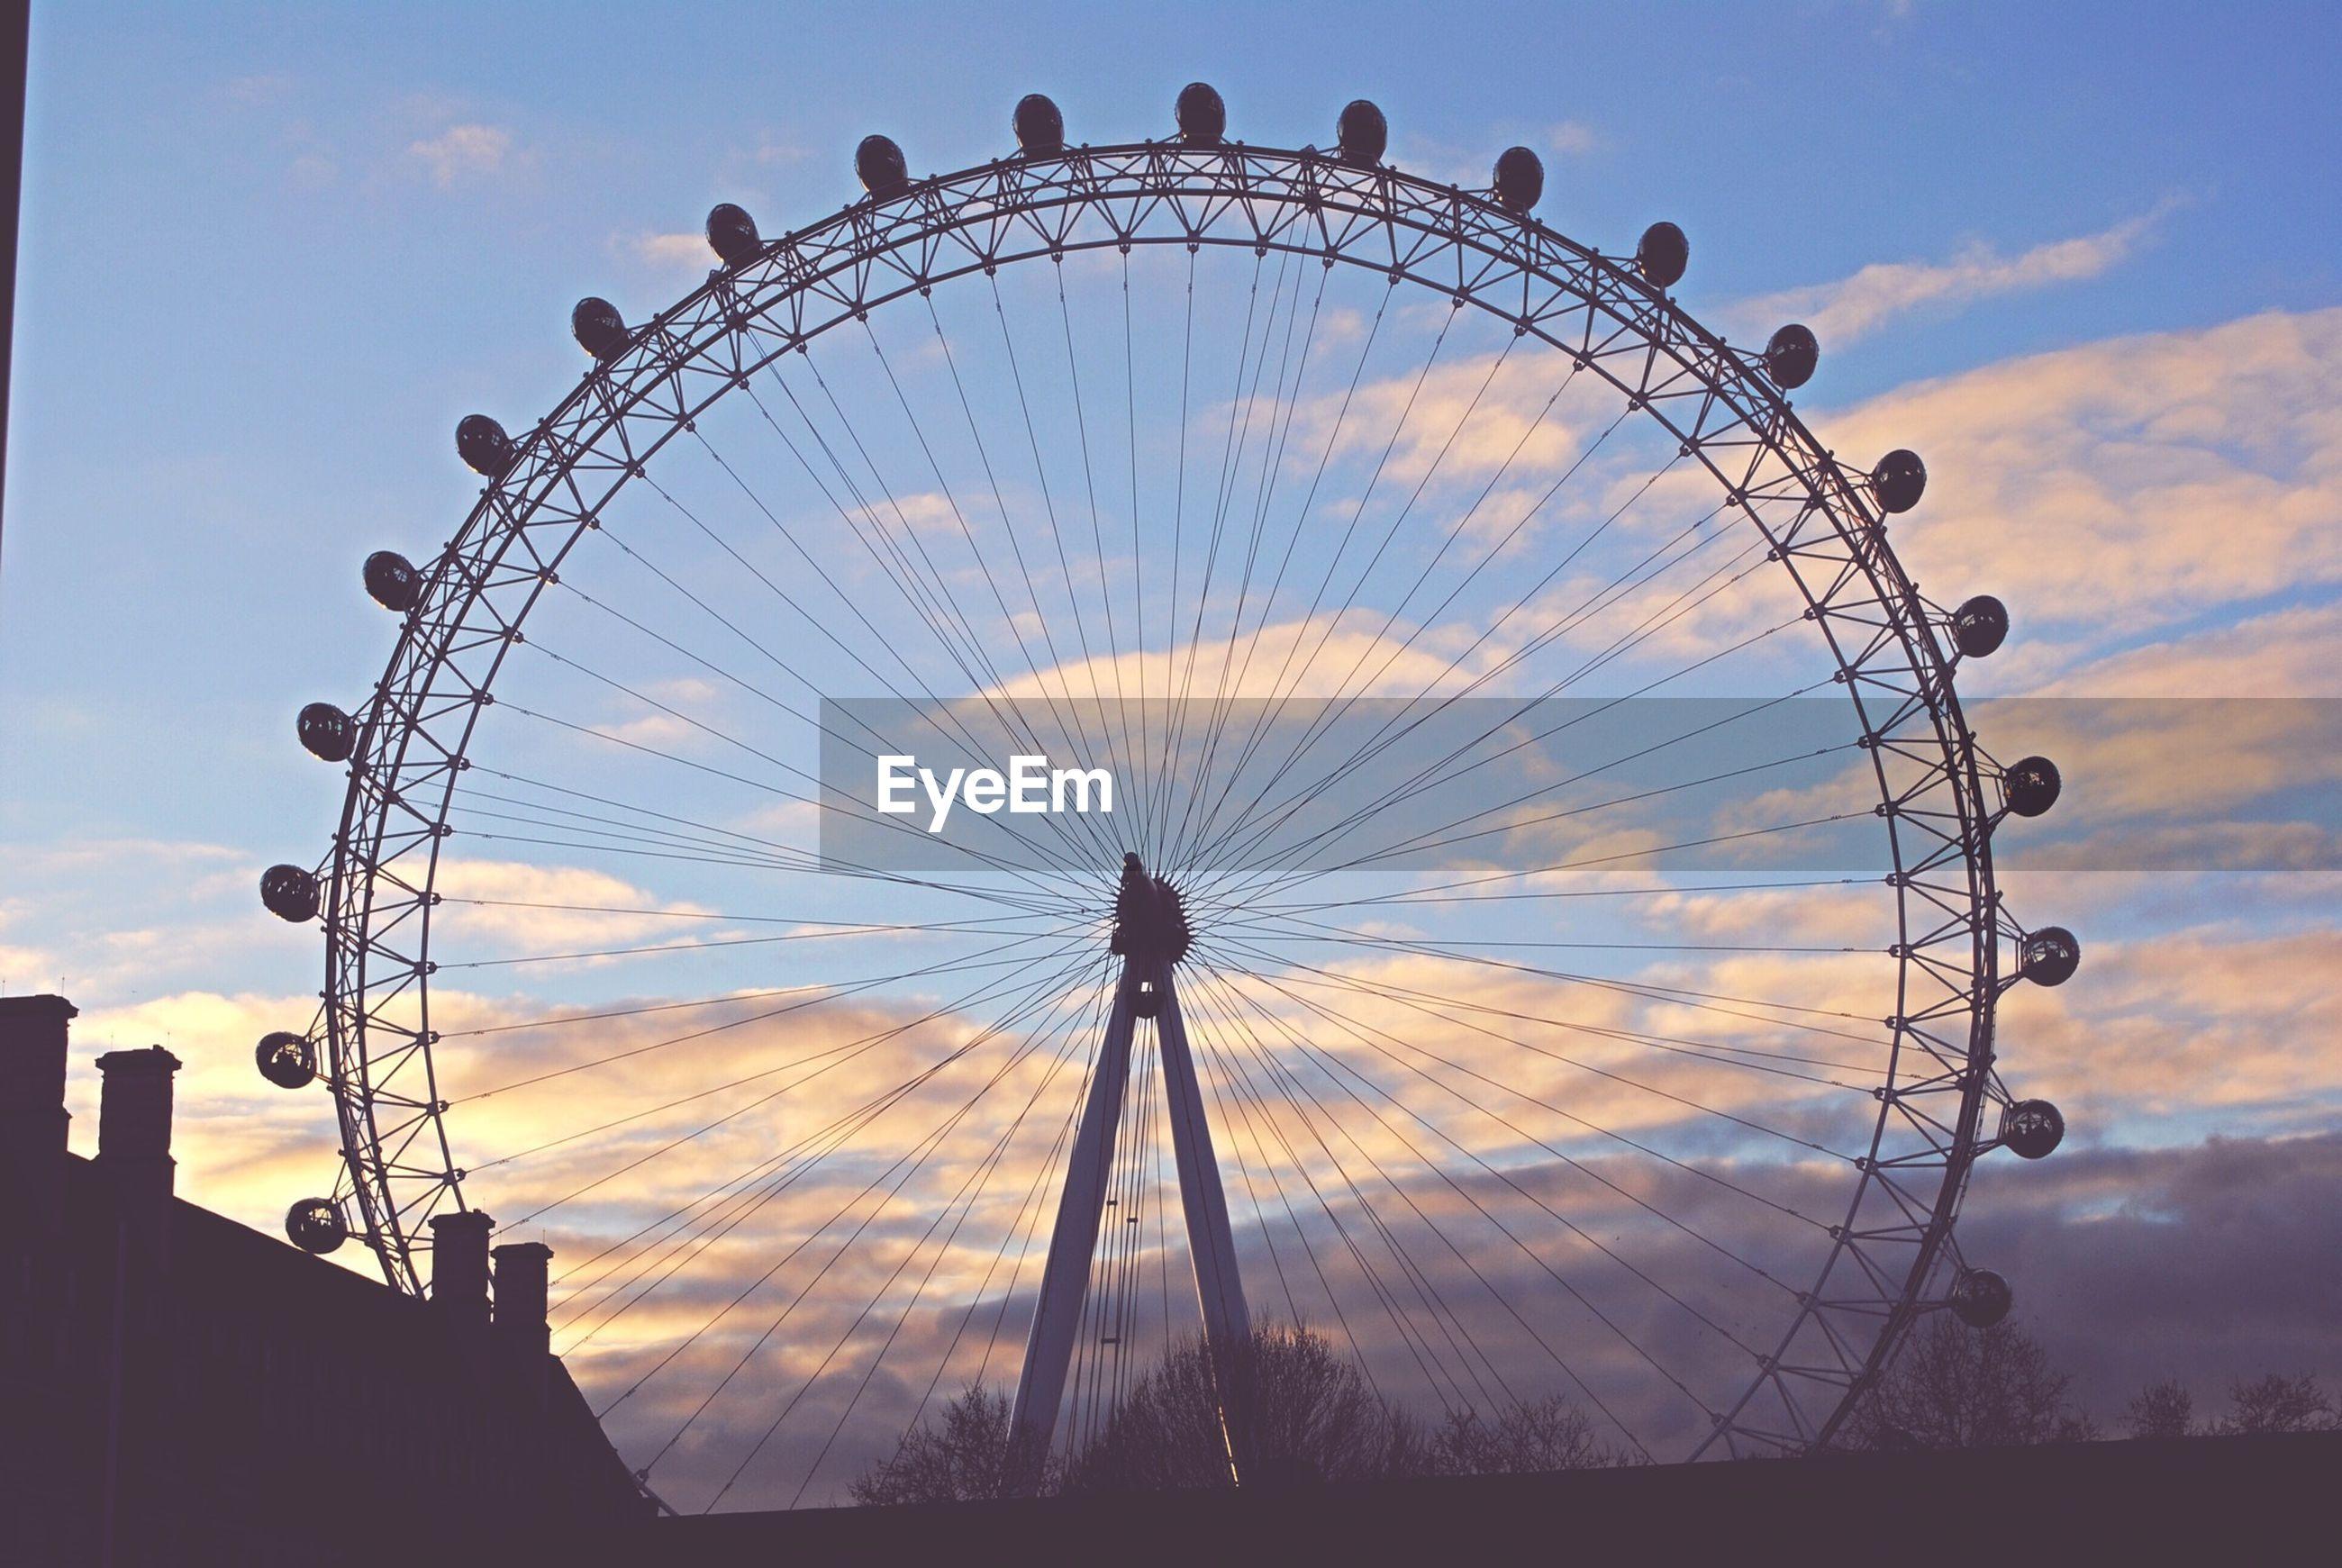 ferris wheel, amusement park, amusement park ride, arts culture and entertainment, sky, low angle view, cloud - sky, silhouette, built structure, cloud, sunset, architecture, cloudy, circle, big wheel, dusk, fairground ride, travel destinations, outdoors, fun